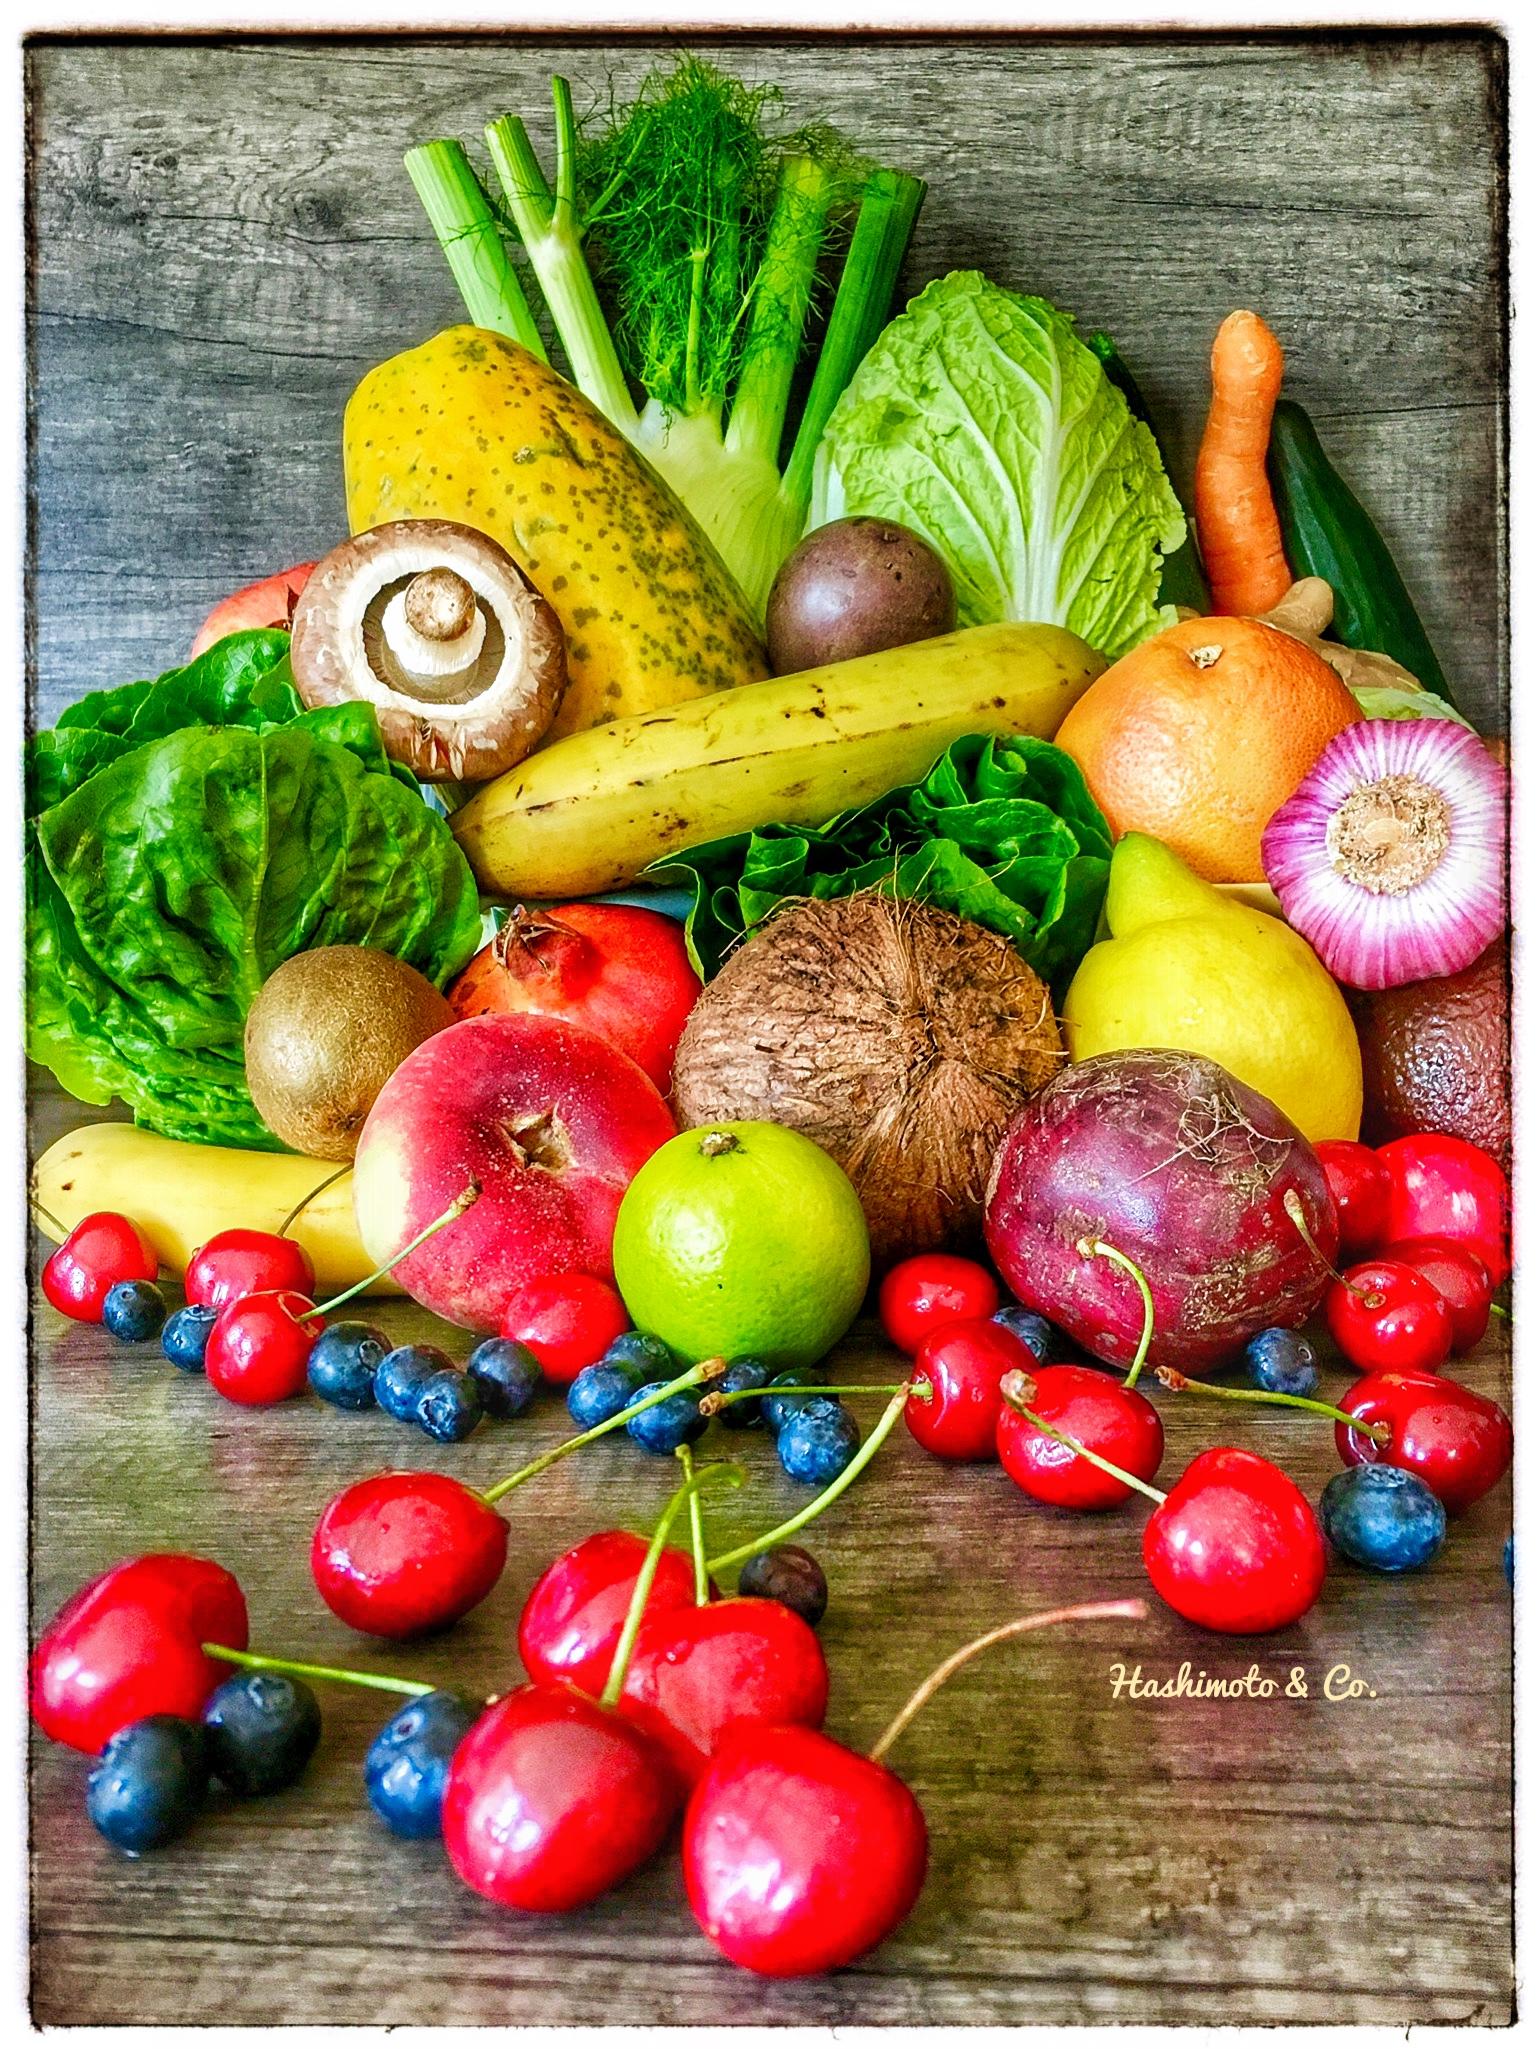 Unverarbeitete Lebensmittel wie Obst und vor allem Gemüse, aus ökologischem Anbau, bilden die Grundlage für das Autoimmunprotokoll. Nährstoffreich & gesund.